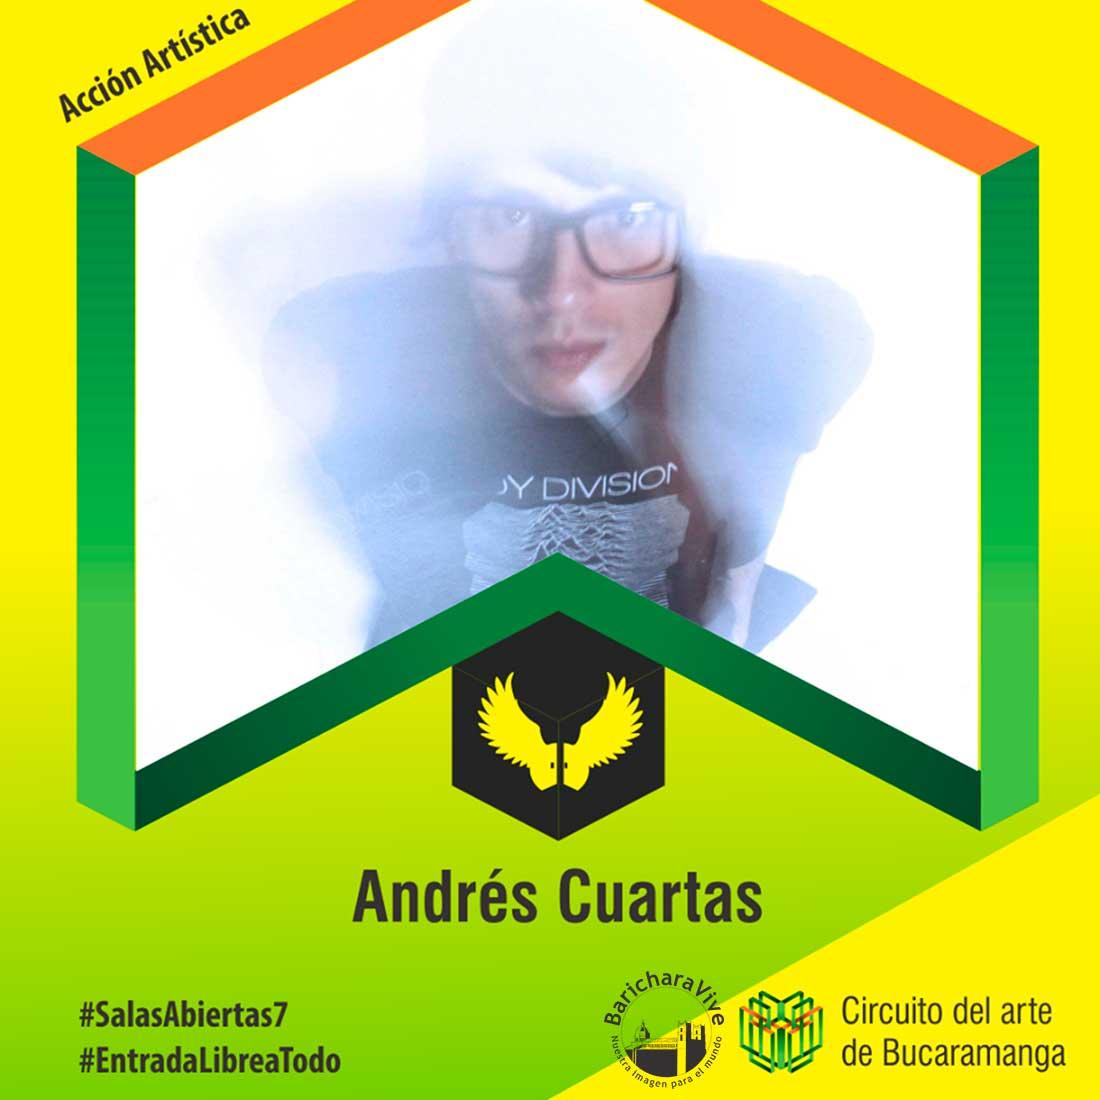 artista-andres-cuartas-7a-edicion-el-centro-con-las-salas-abiertas-bucaramanga-2017